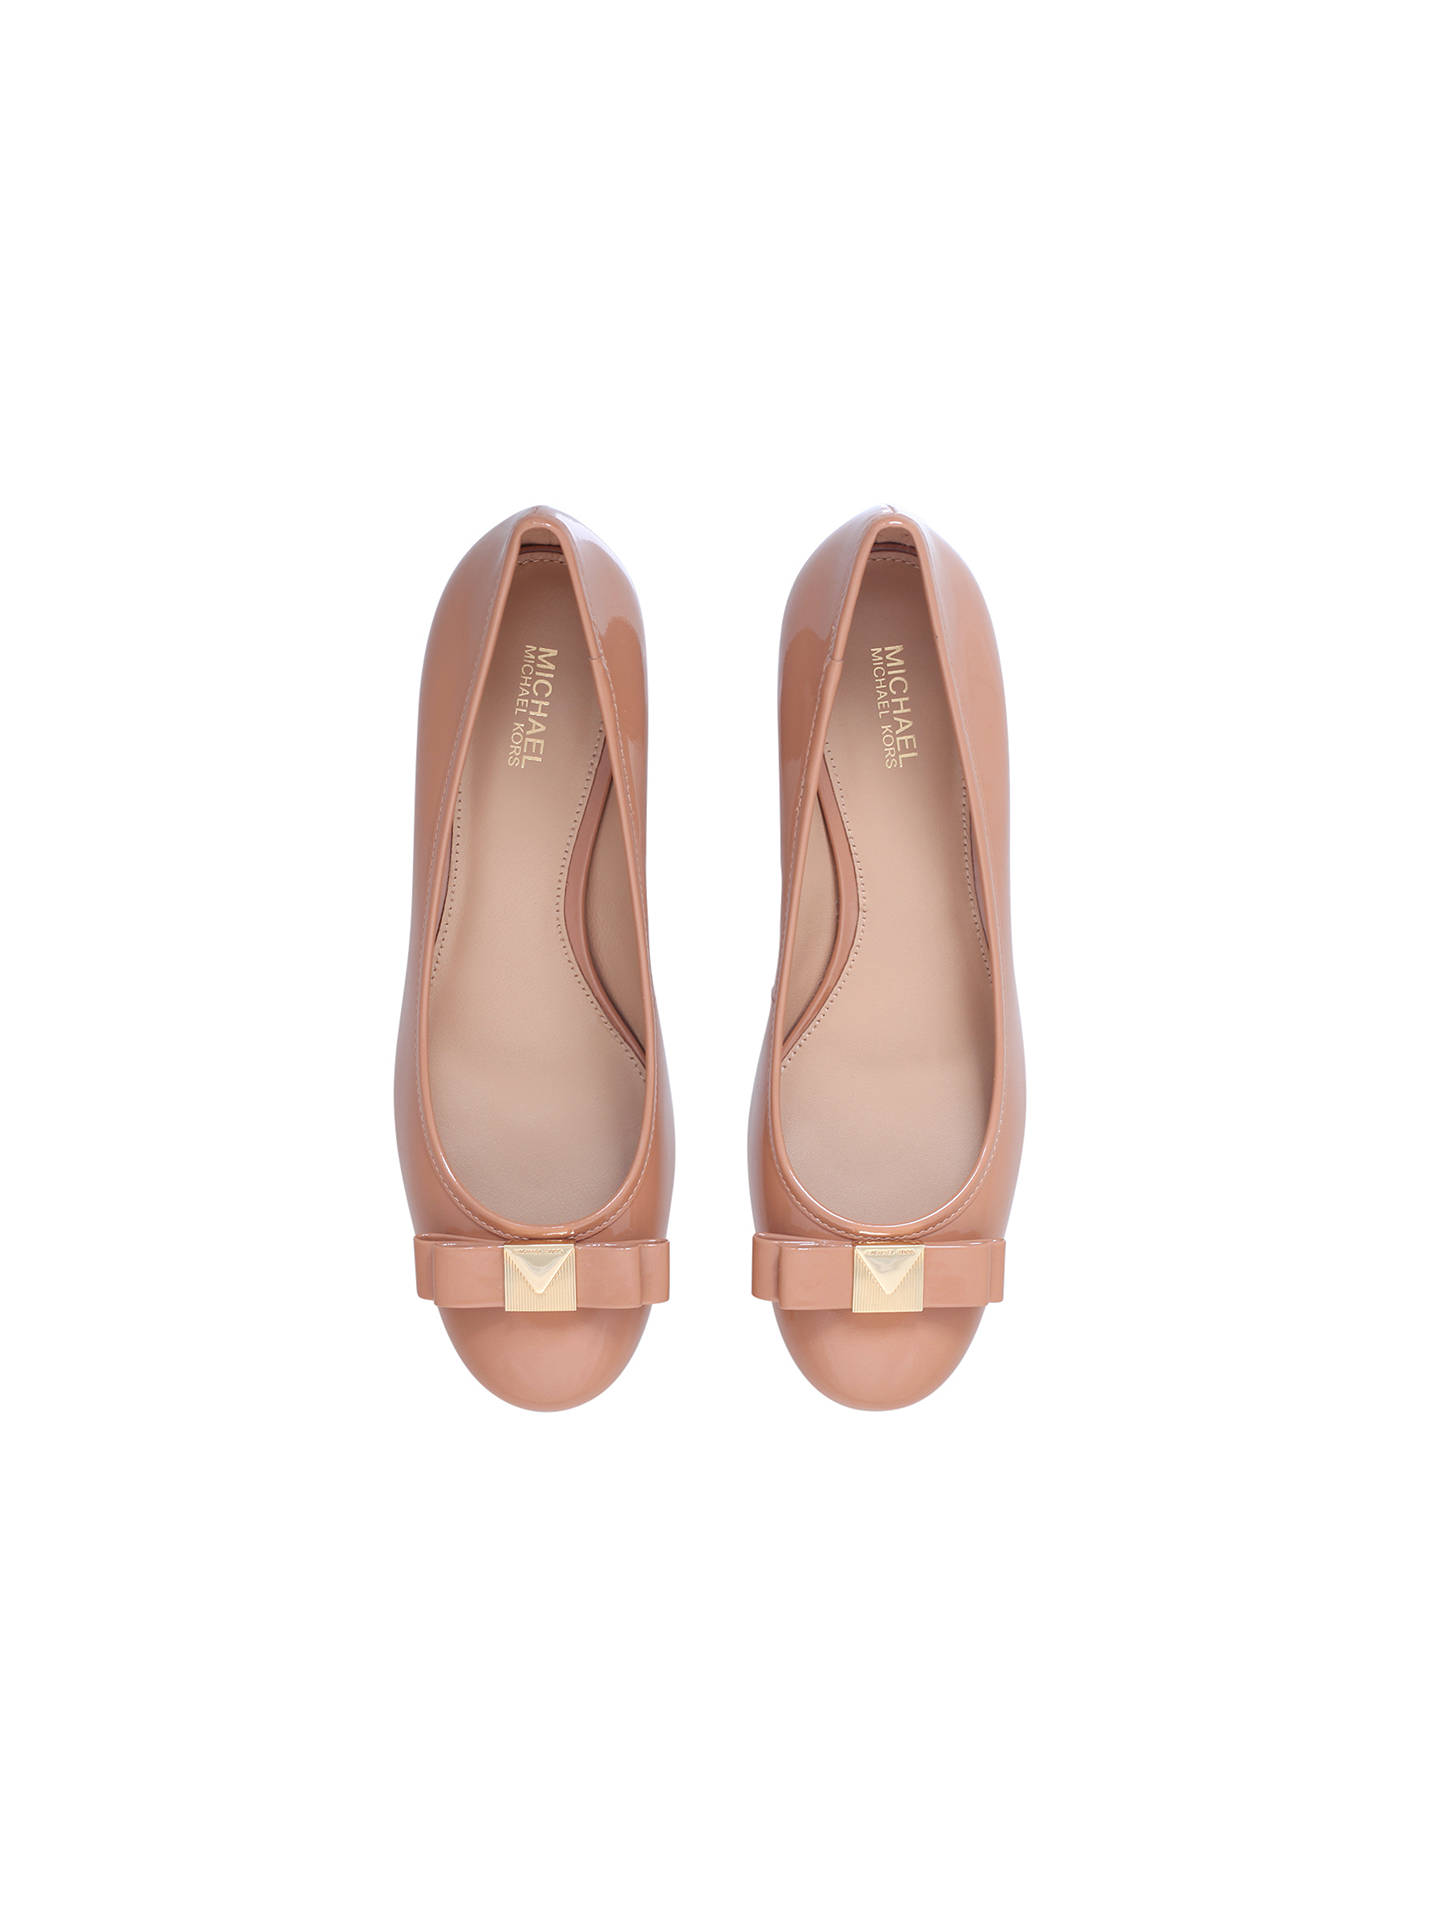 ccf672a9d3a ... Buy MICHAEL Michael Kors Caroline Bow Court Shoes